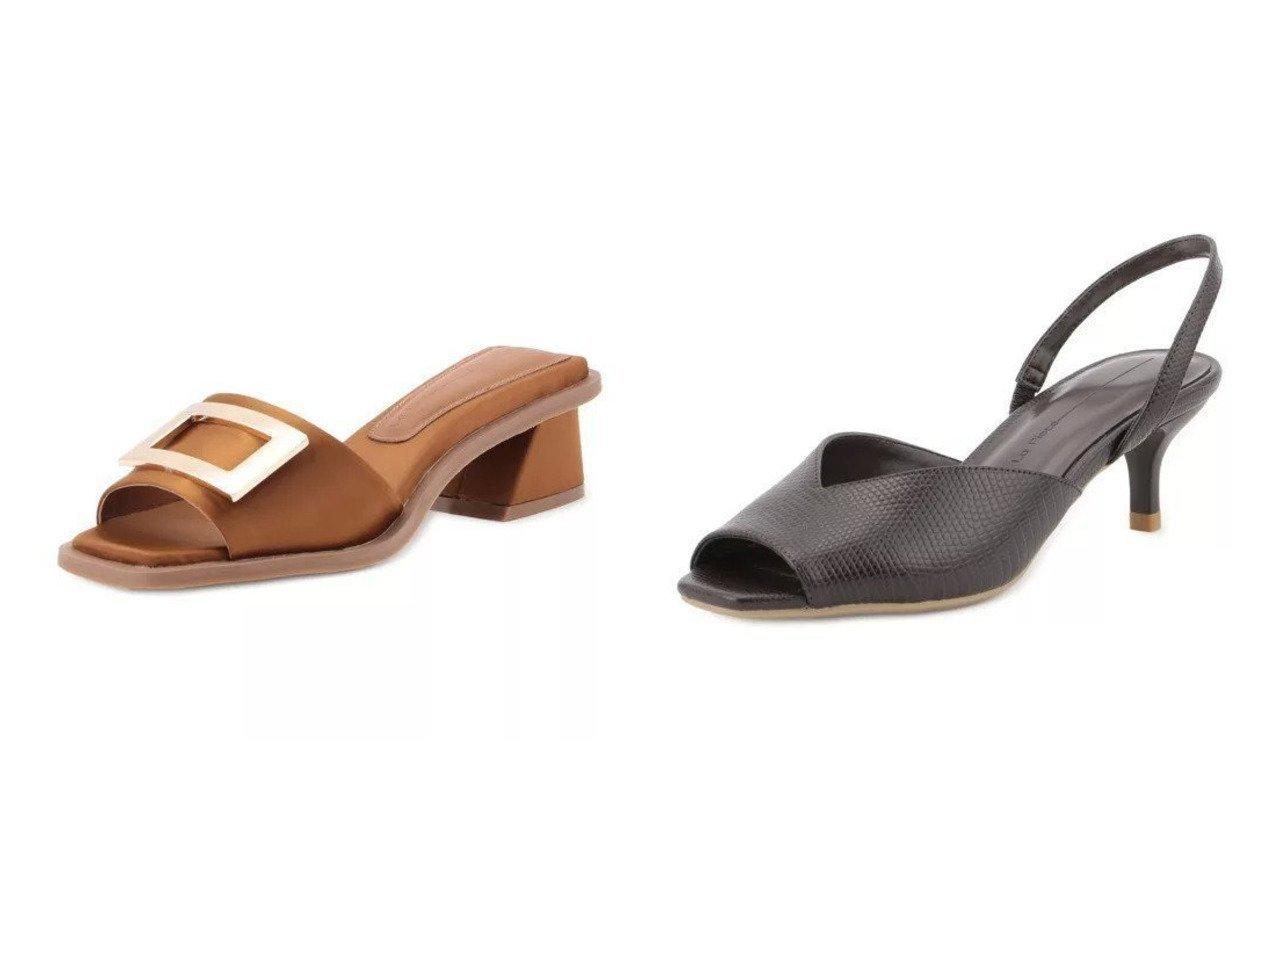 【Tiara/ティアラ】のバックルサンダル&スクエアトゥーサンダル 【シューズ・靴】おすすめ!人気、トレンド・レディースファッションの通販 おすすめで人気の流行・トレンド、ファッションの通販商品 インテリア・家具・メンズファッション・キッズファッション・レディースファッション・服の通販 founy(ファニー) https://founy.com/ ファッション Fashion レディースファッション WOMEN バッグ Bag クラシック サンダル シューズ フィット フォーマル ラップ サテン スクエア ダウン フォルム メタリック |ID:crp329100000045166